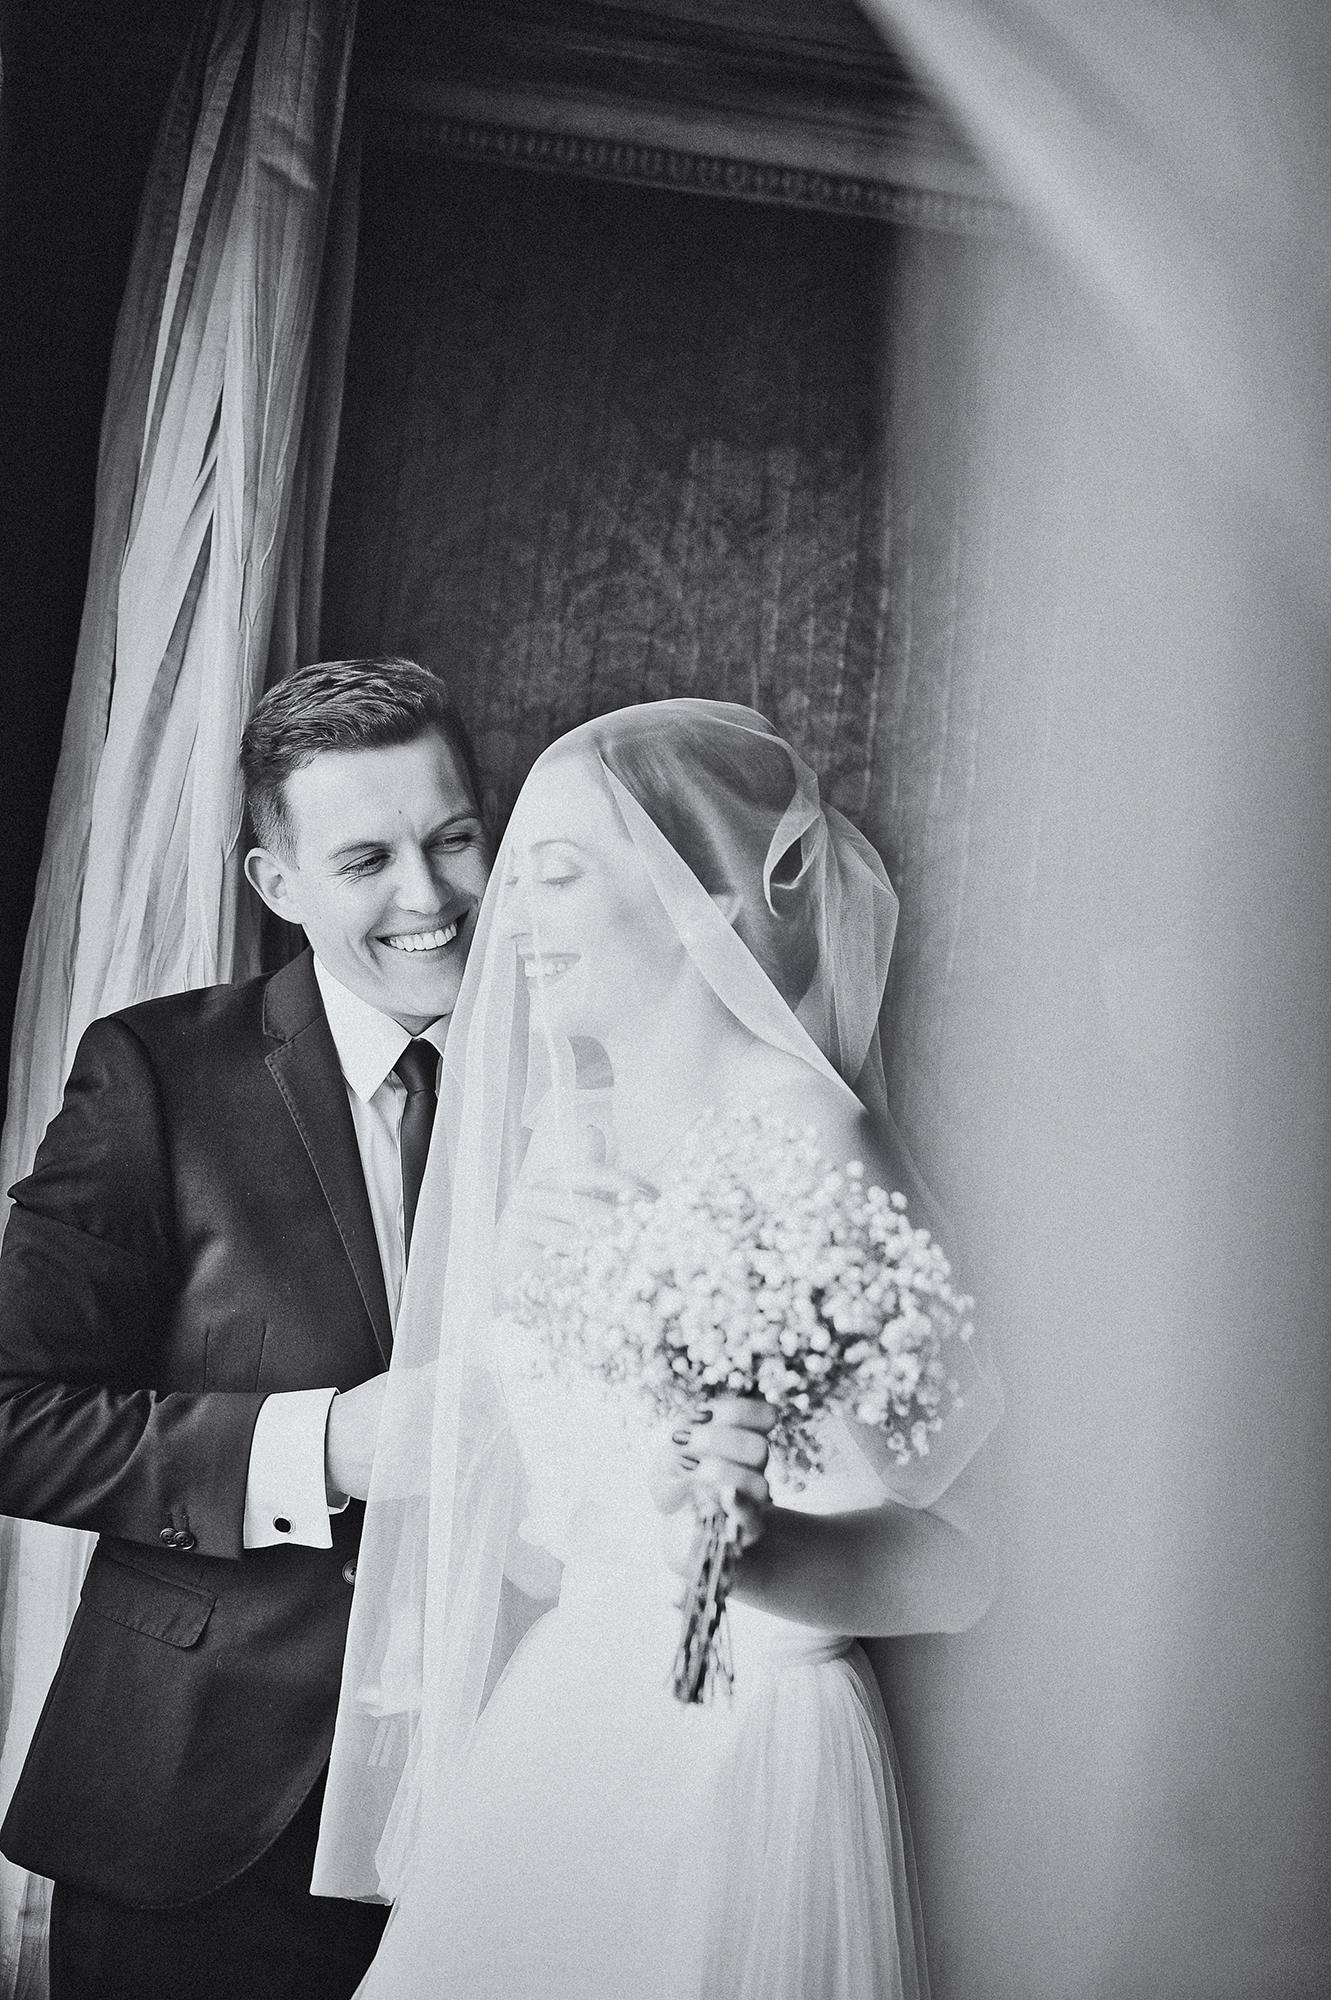 vestuves fotografas Kaunas